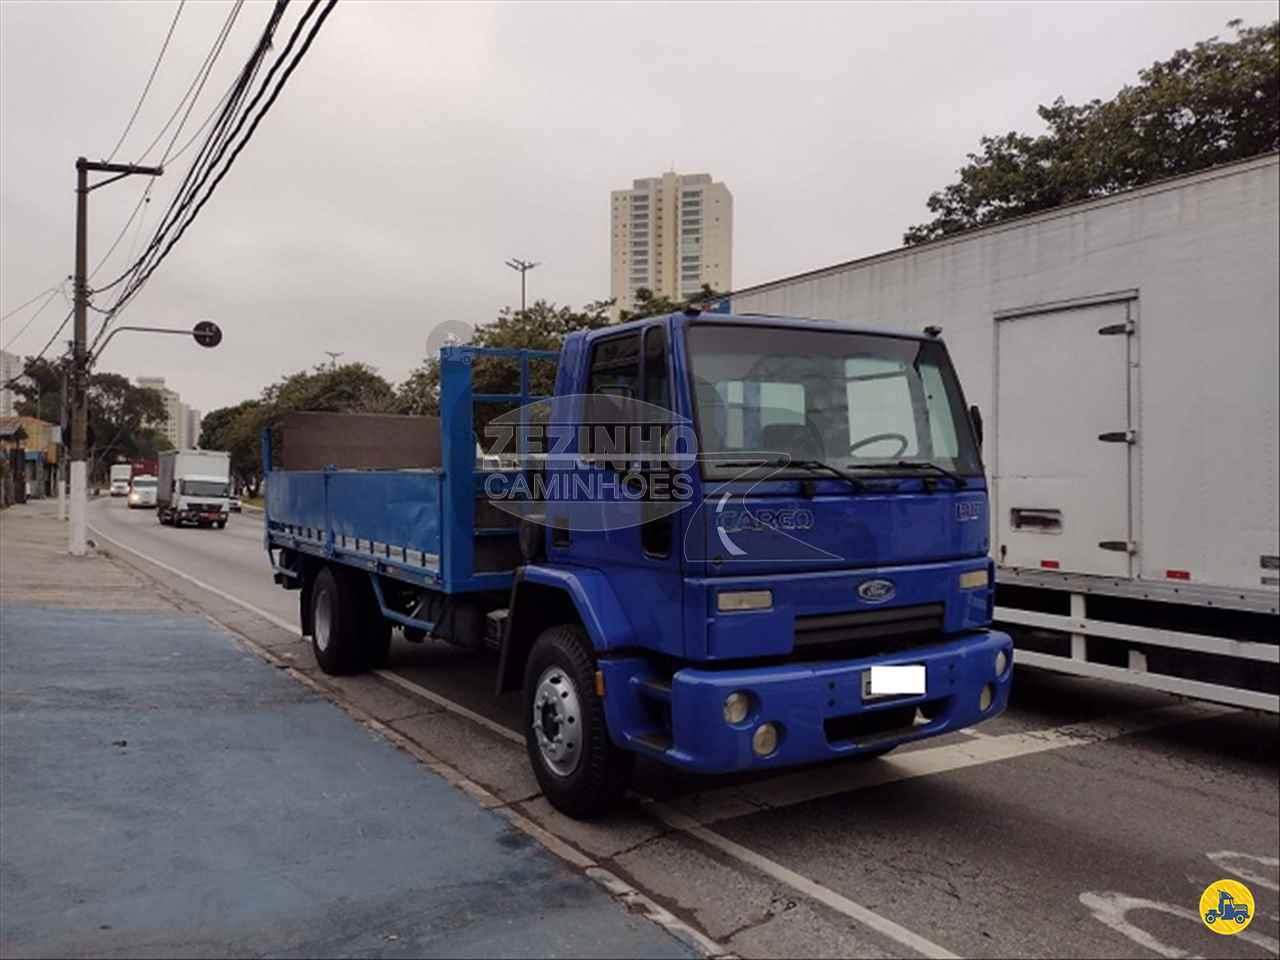 CAMINHAO FORD CARGO 1317 Carga Seca Toco 4x2 Zezinho Caminhões SAO PAULO SÃO PAULO SP